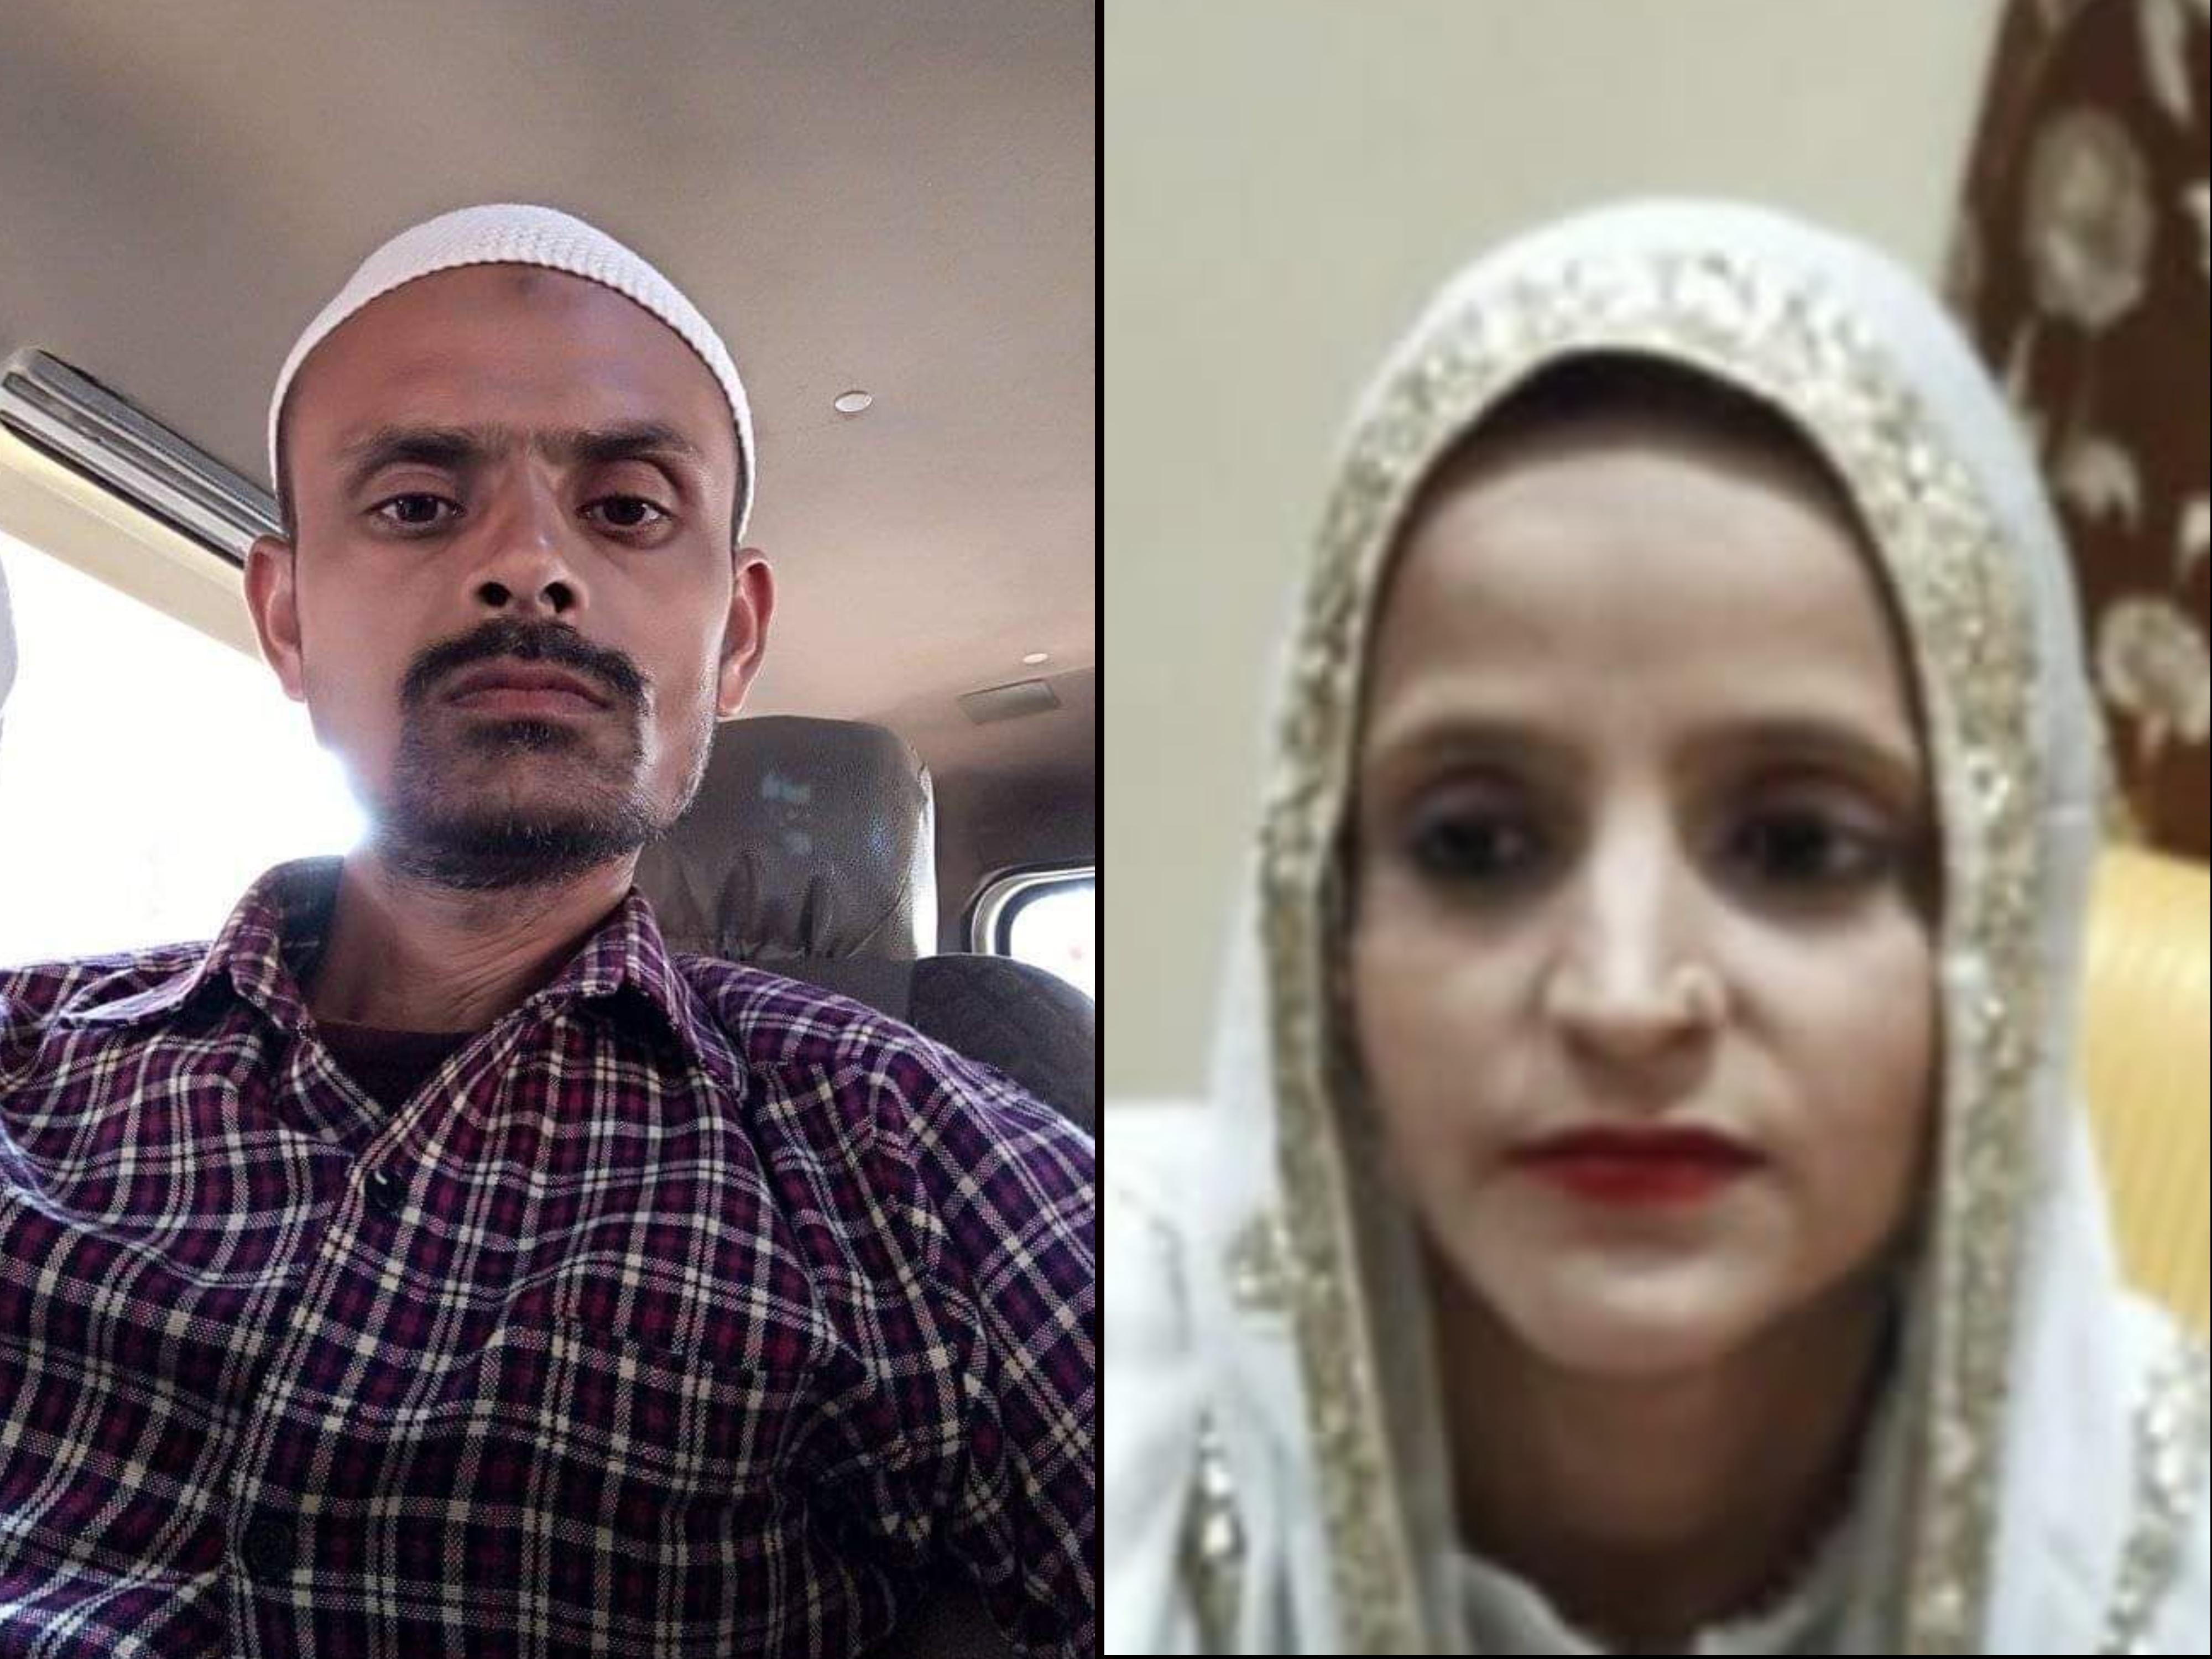 झांसी की घटना, रात डेढ़ बजे कमरे से बाहर निकला पति और भागते हुए थाने पहुंचा, वहां जाकर बोला- मैंने अपनी पत्नी को मार डाला झांसी,Jhansi - Dainik Bhaskar